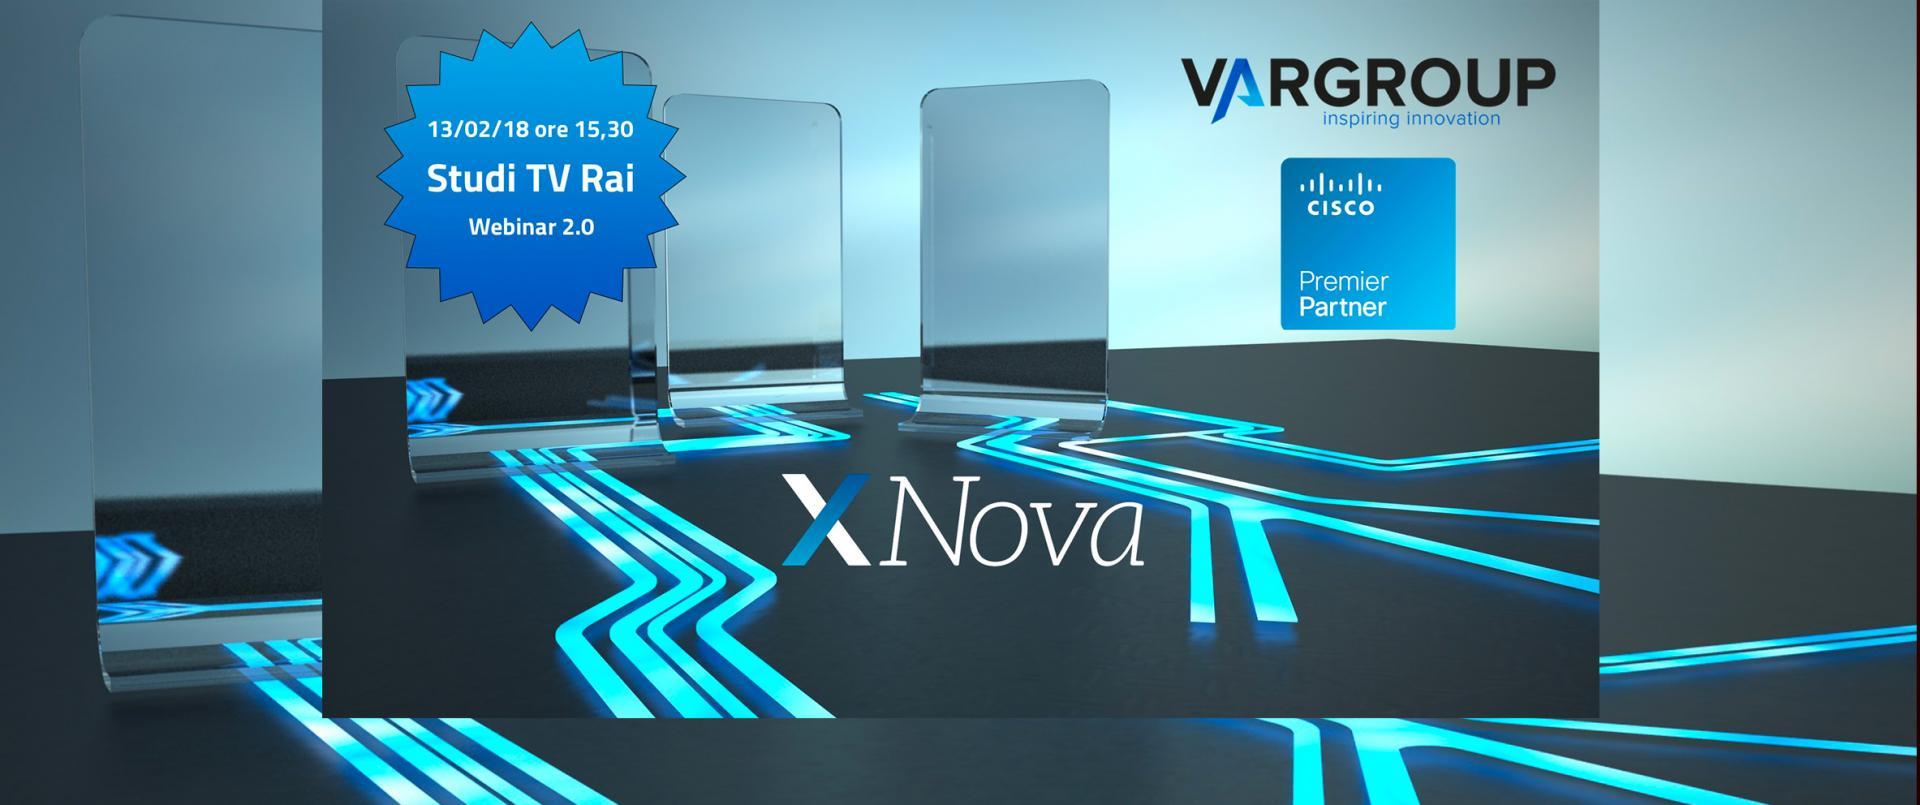 #XNova, il Webinar 2.0 per scoprire come portare concretamente l'innovazione nella tua azienda